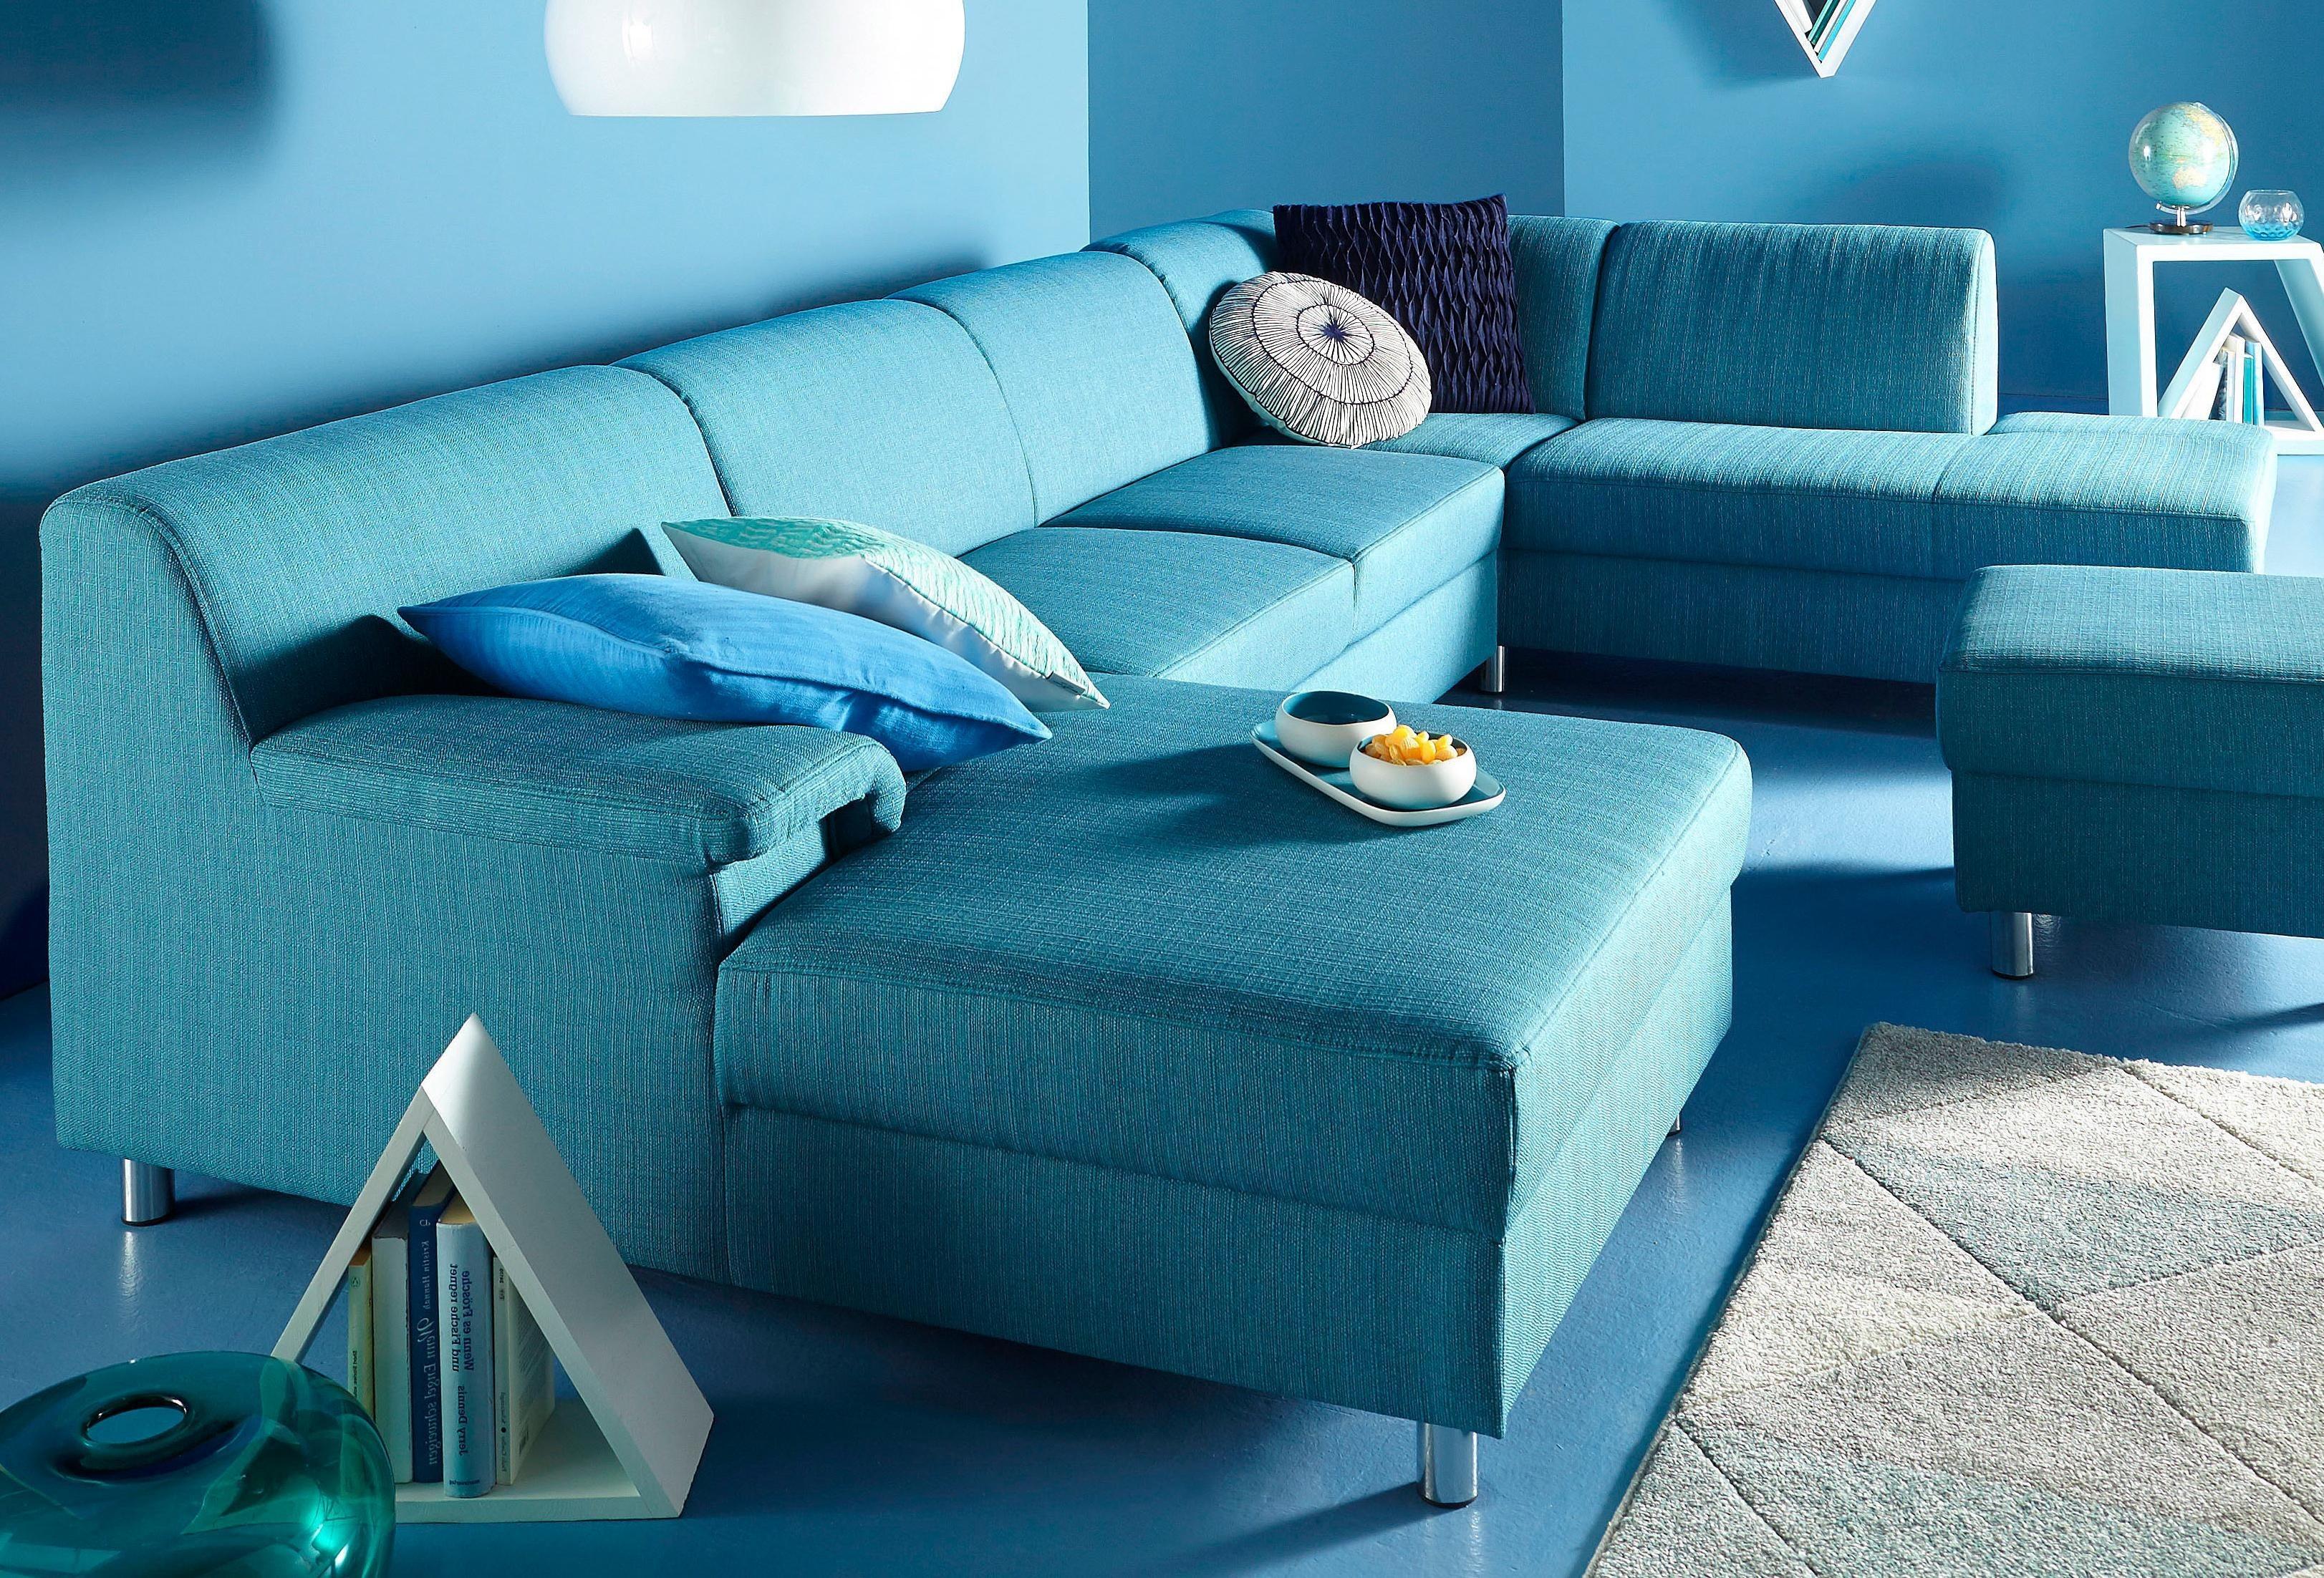 Fredriks Wohnlandschaften online kaufen   Möbel-Suchmaschine ...